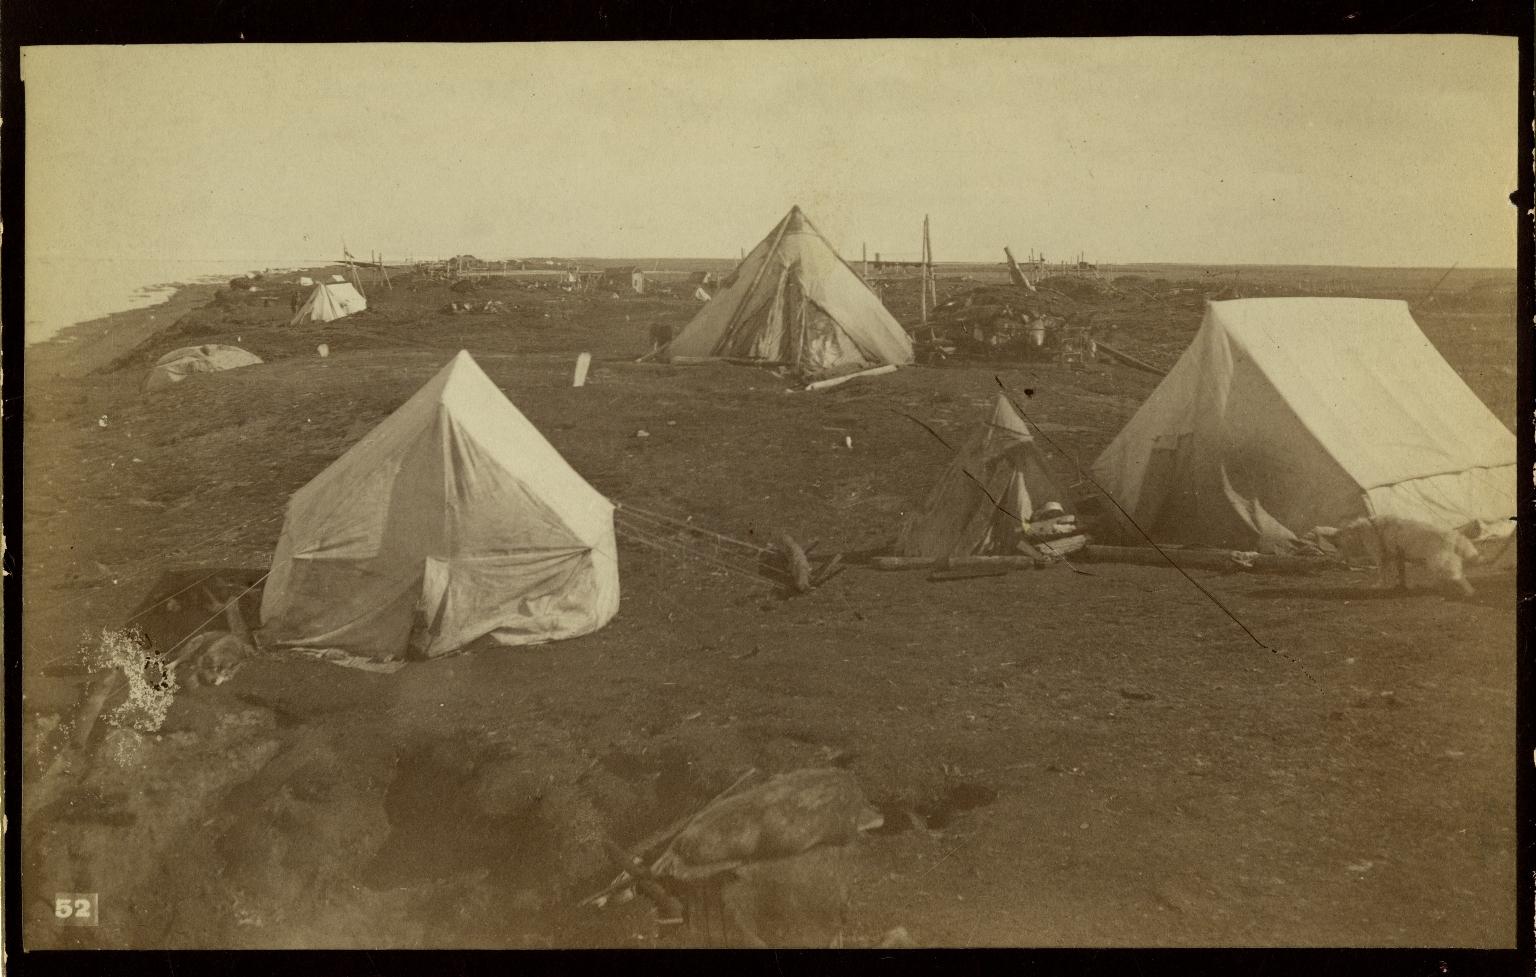 Ootkaivie Camp